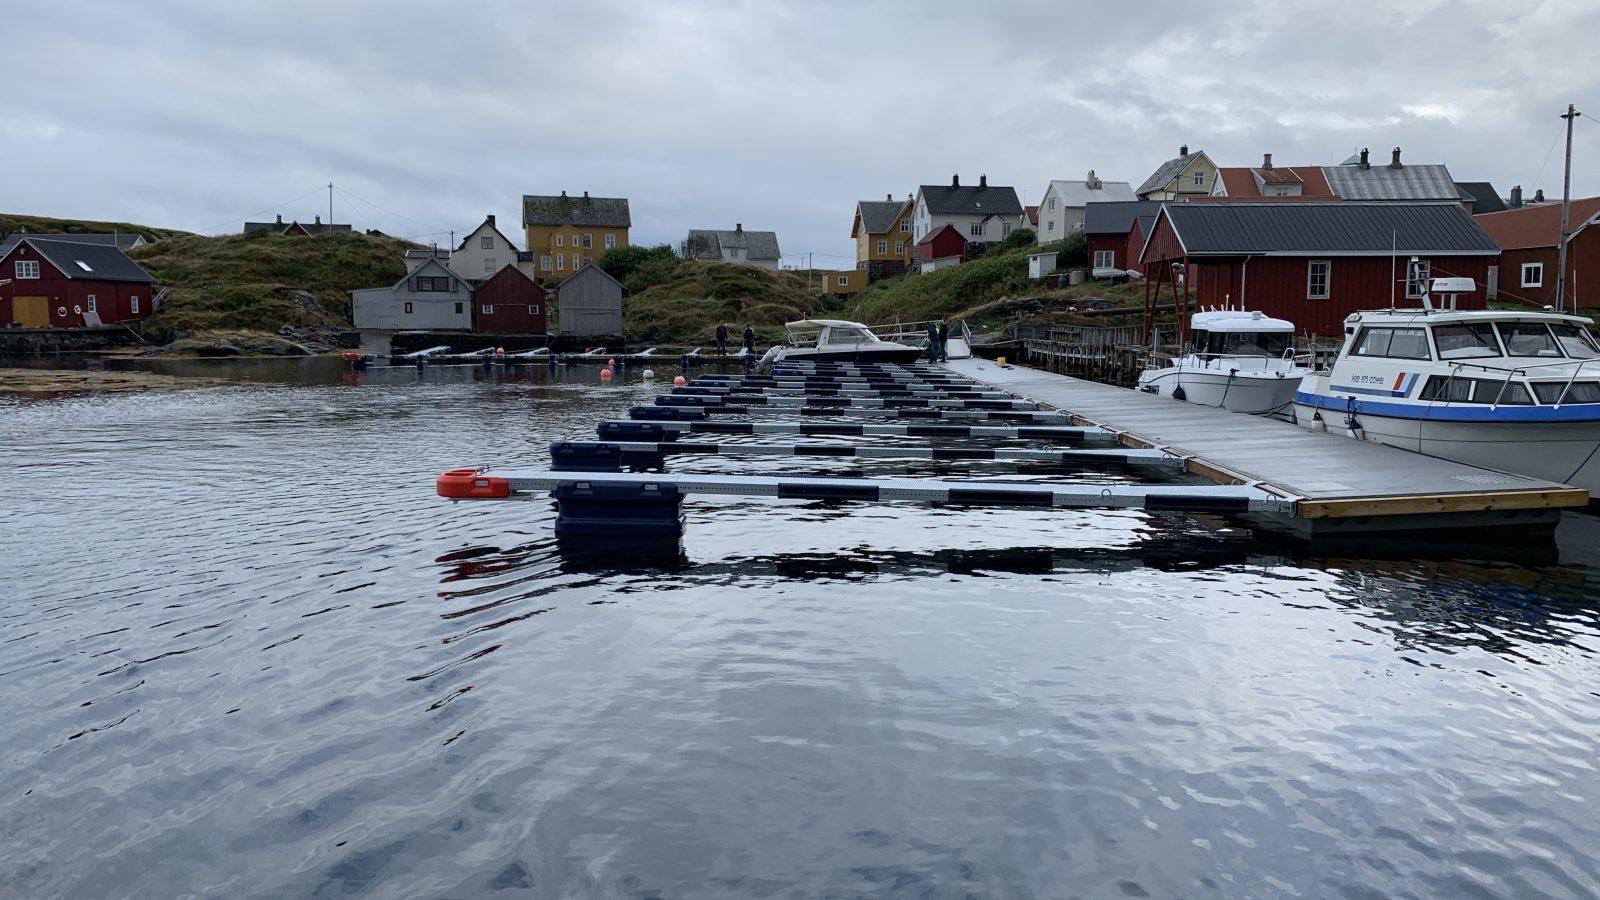 https://marinasolutions.no/uploads/Hamnaberget-småbåtforening-nordre-bjørnsund-marina-solutions-betongbrygger-sklisikre-utriggere-10.jpg